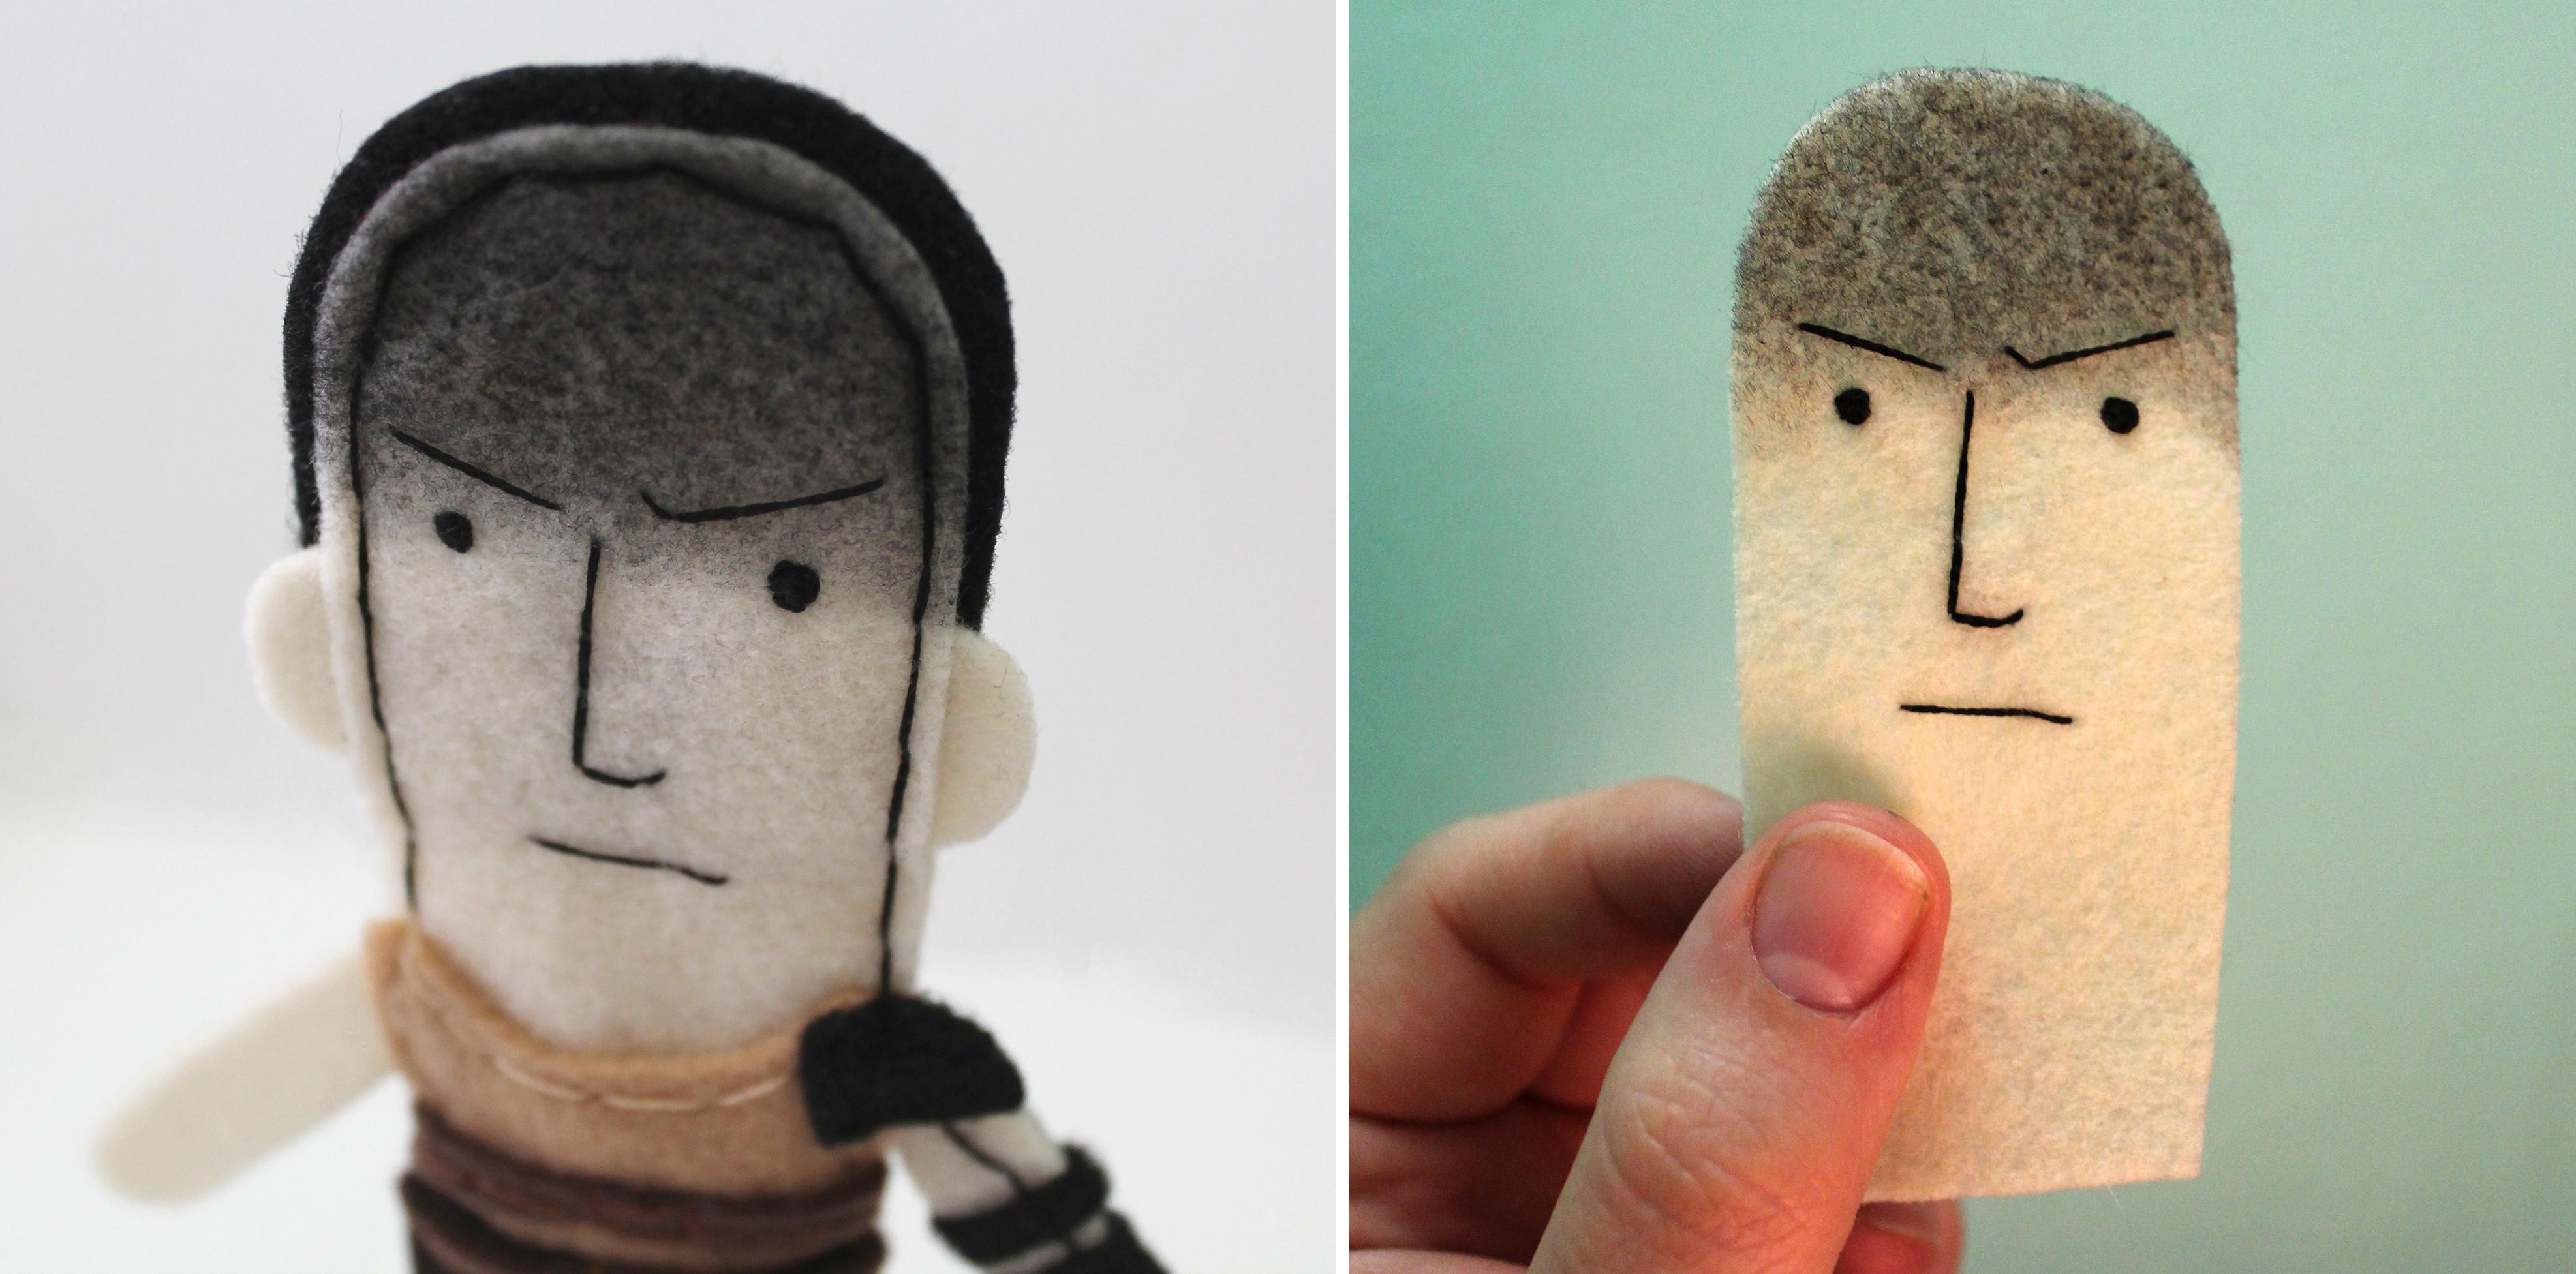 Imperator Furiosa Finger Puppet